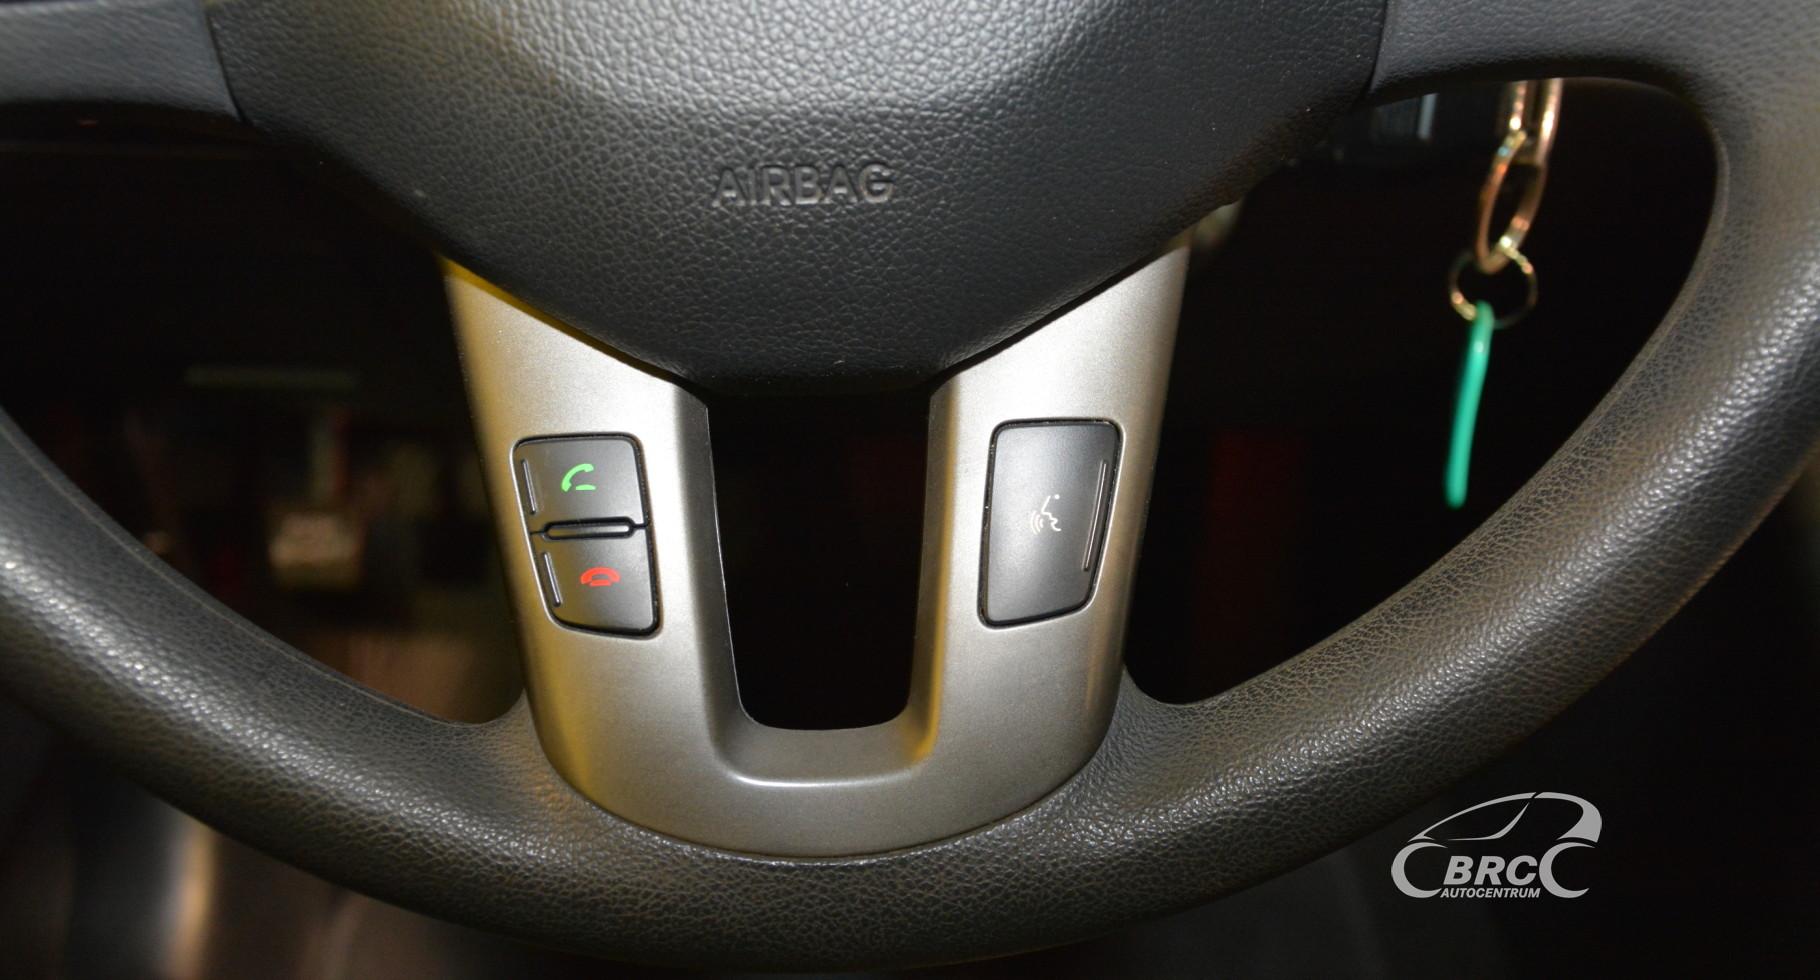 Kia Sportage 2.4 LX Automatas